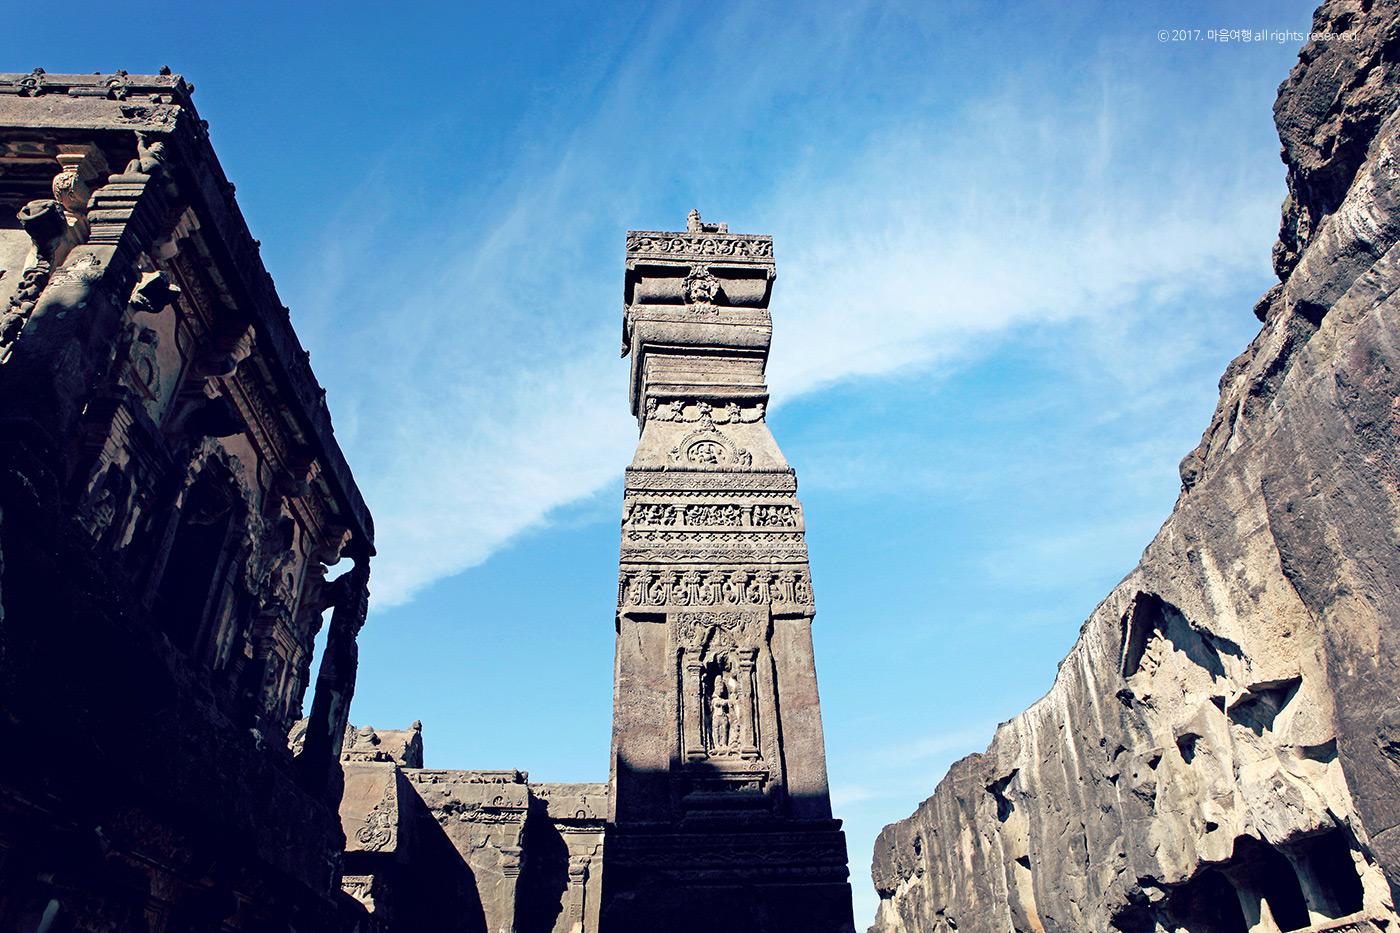 인도 3대 종교 석굴인 - 엘로라 석굴사원